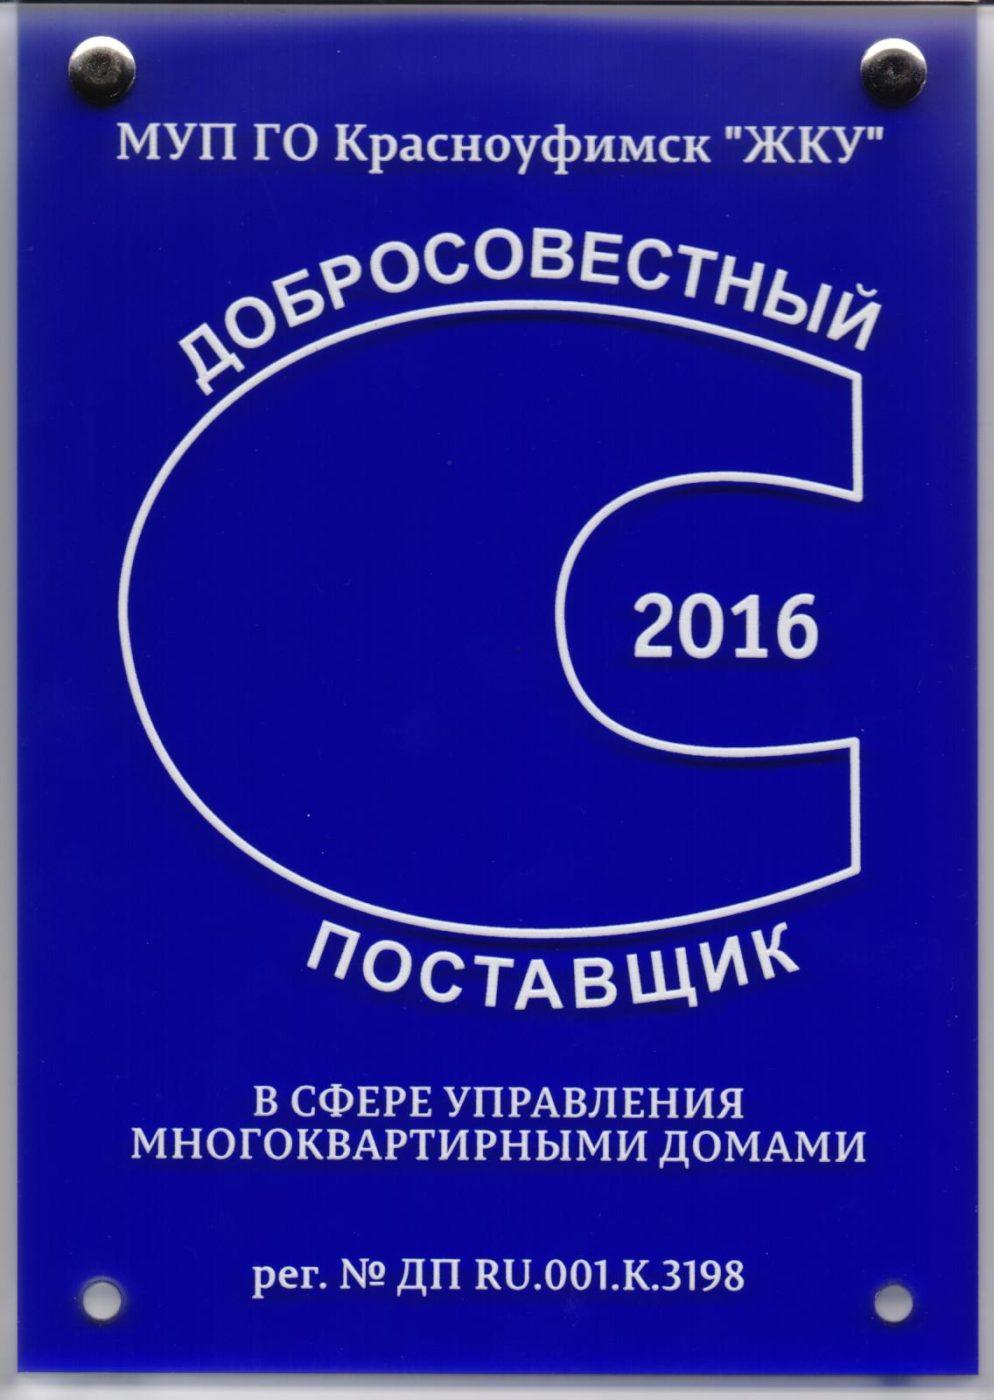 Нашли ли в действиях МУП ЖКУ состав преступления Красноуфимск  1